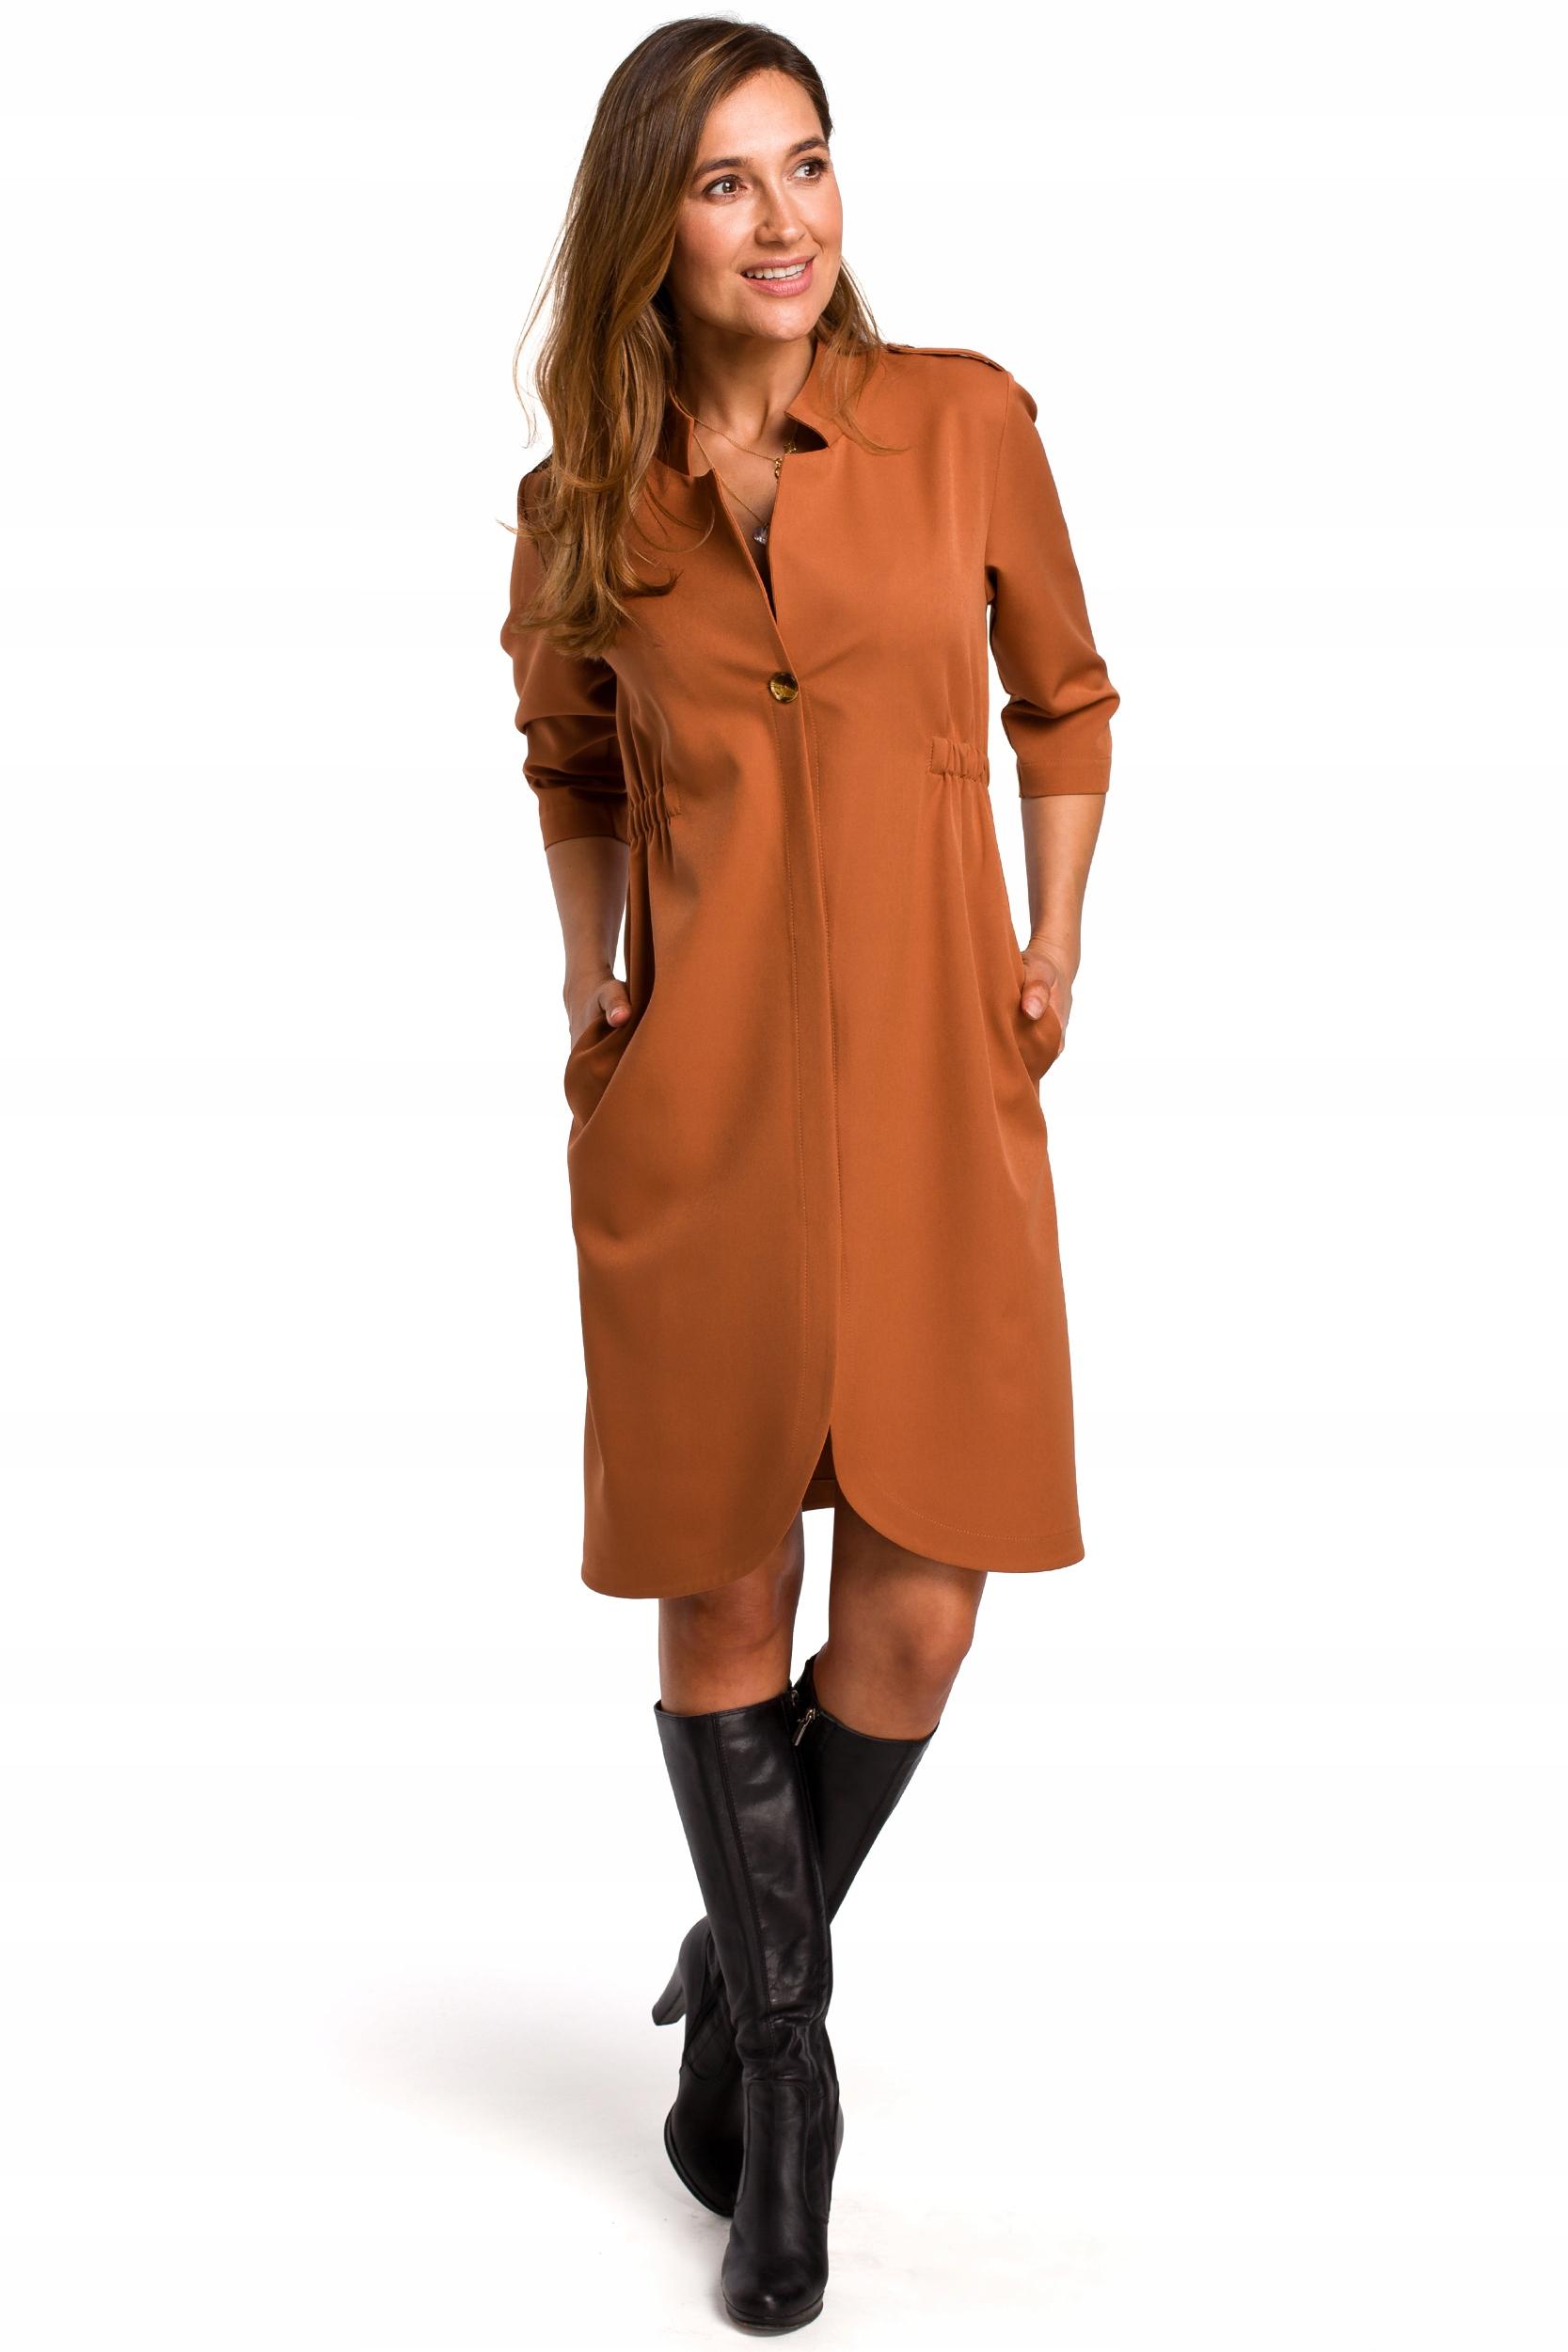 S189 Sukienka żakietowa z gumką w tyle - ruda 38  